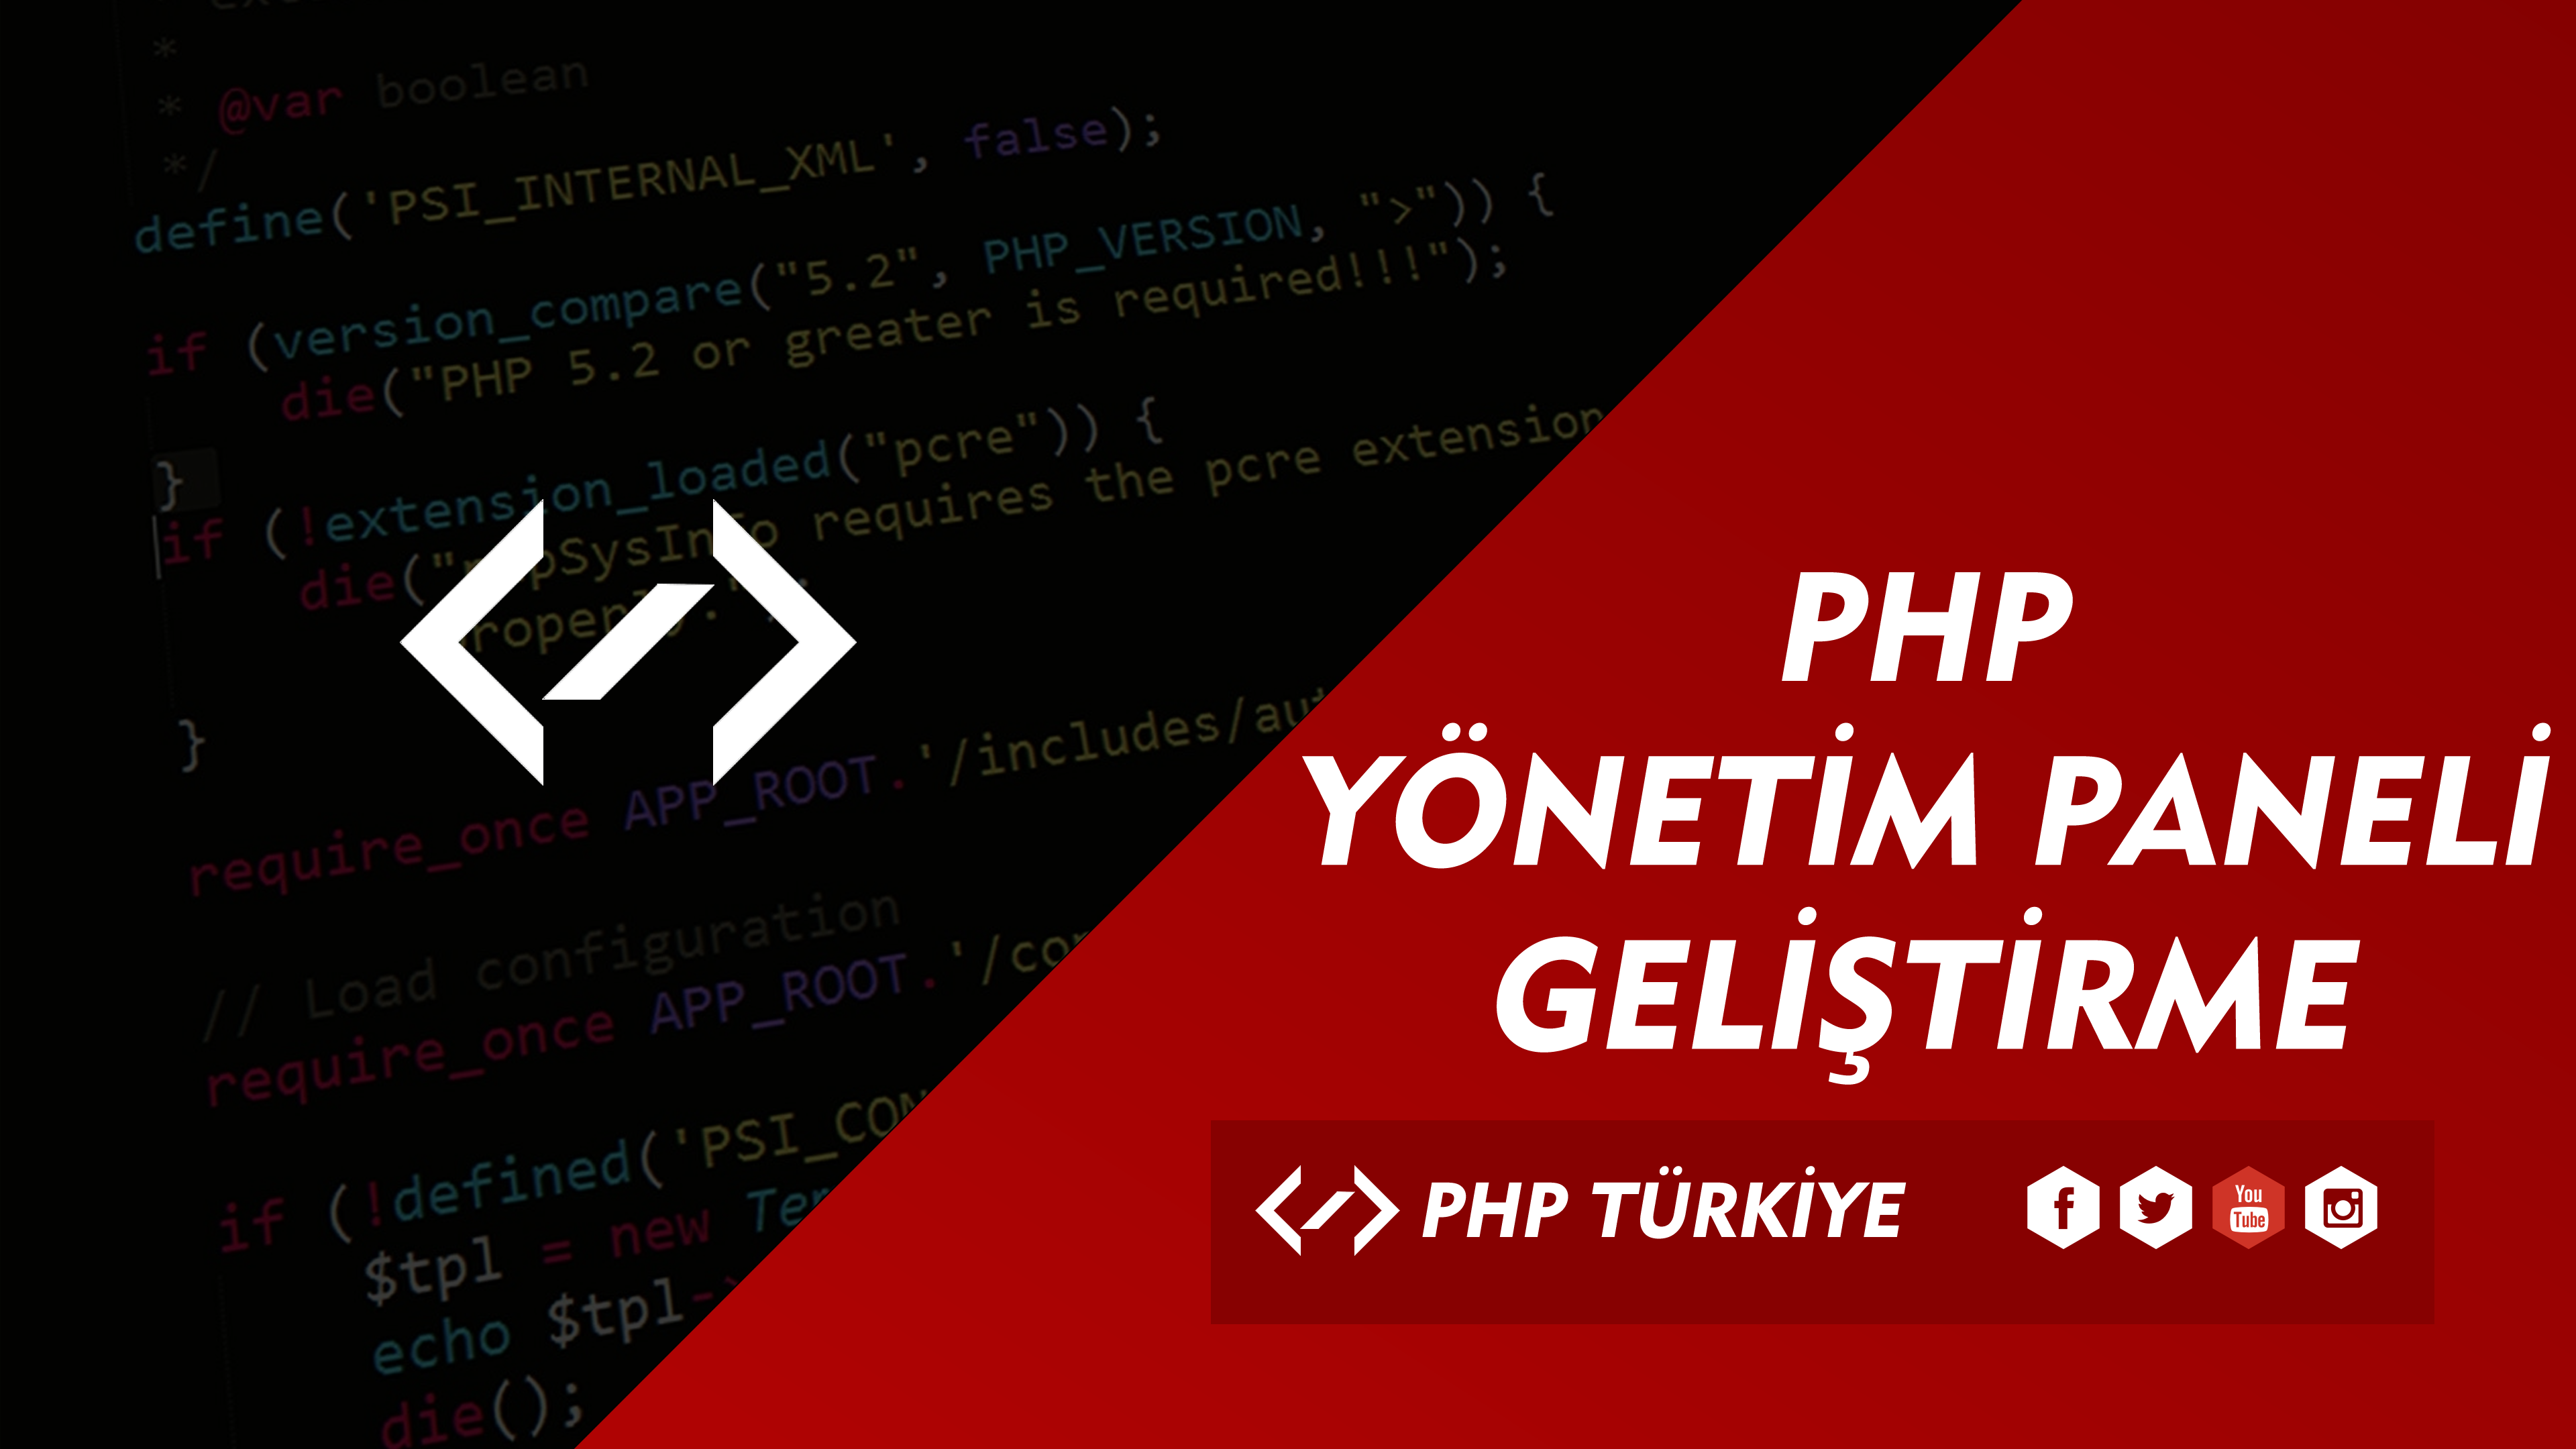 PHP İle Yönetim Paneli Eğitimleri